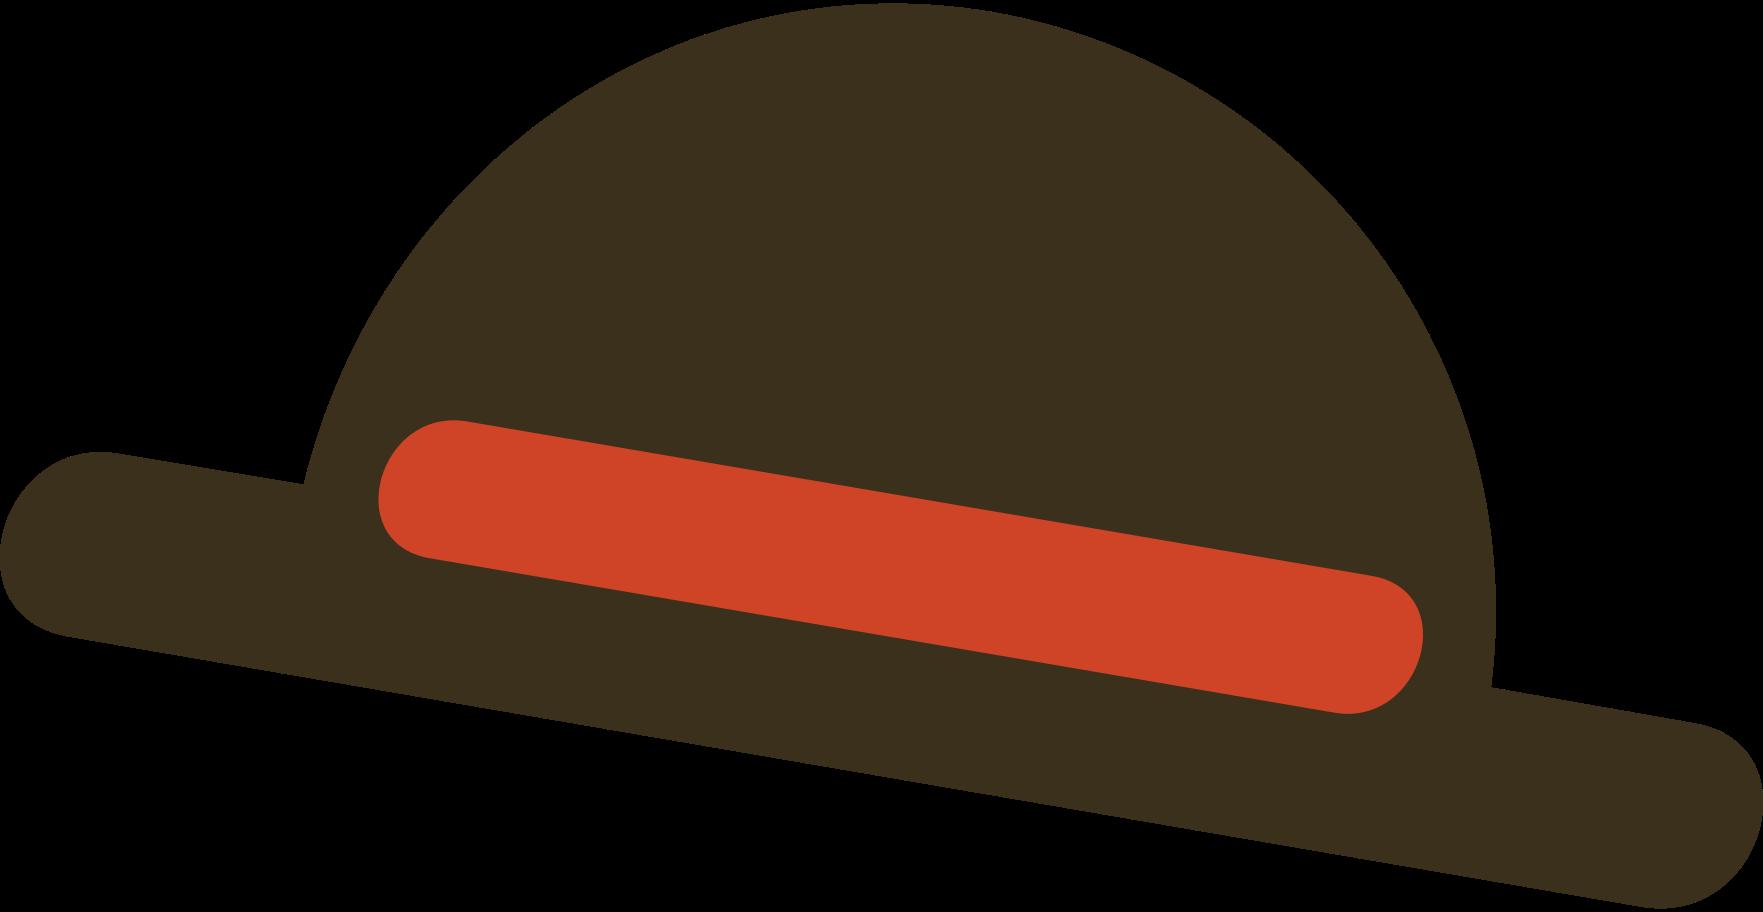 little hat Clipart illustration in PNG, SVG